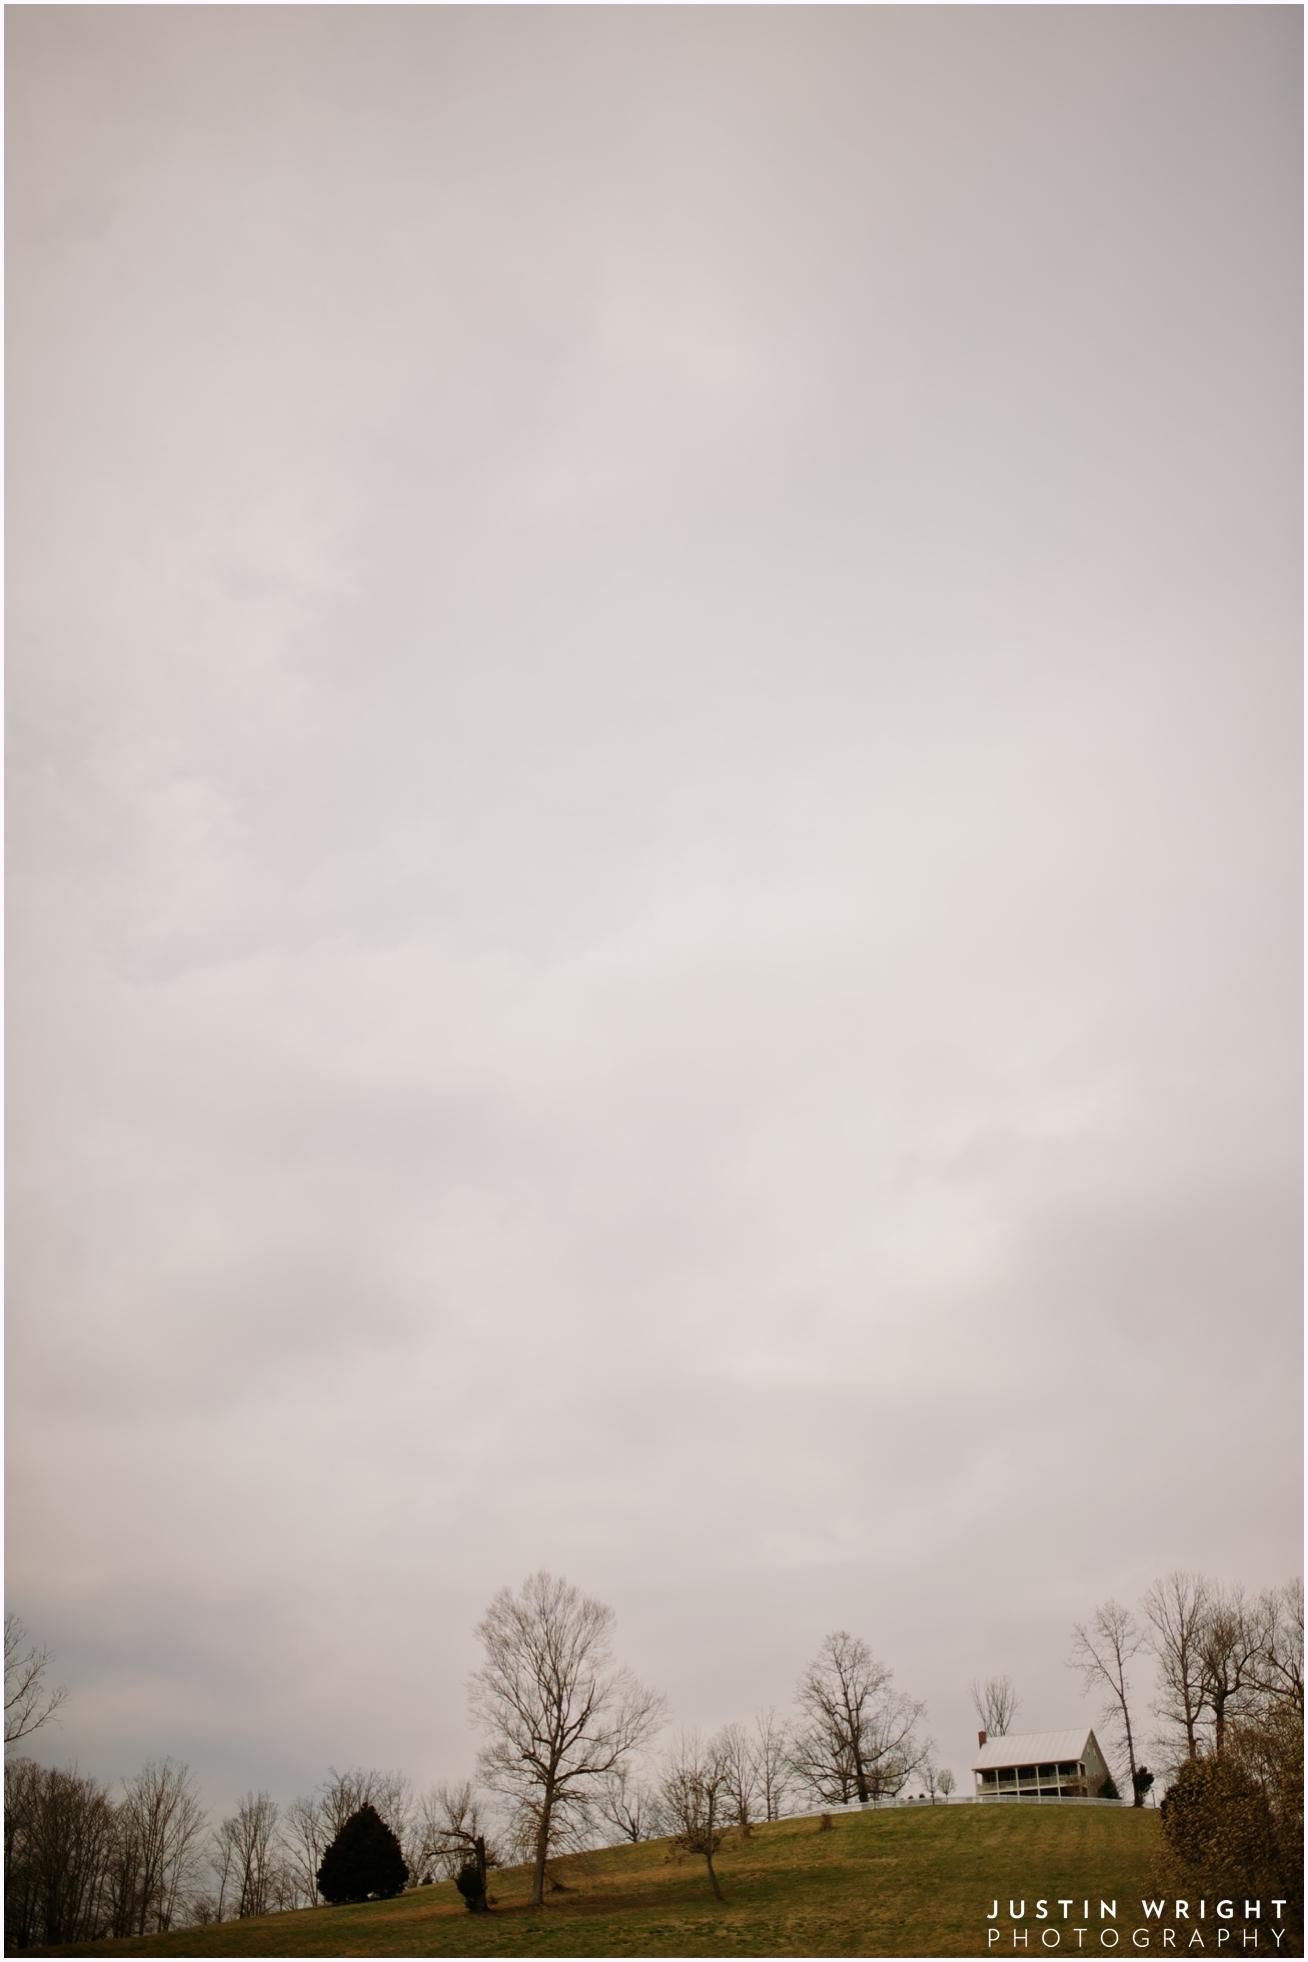 2014-01-10_0010.jpg